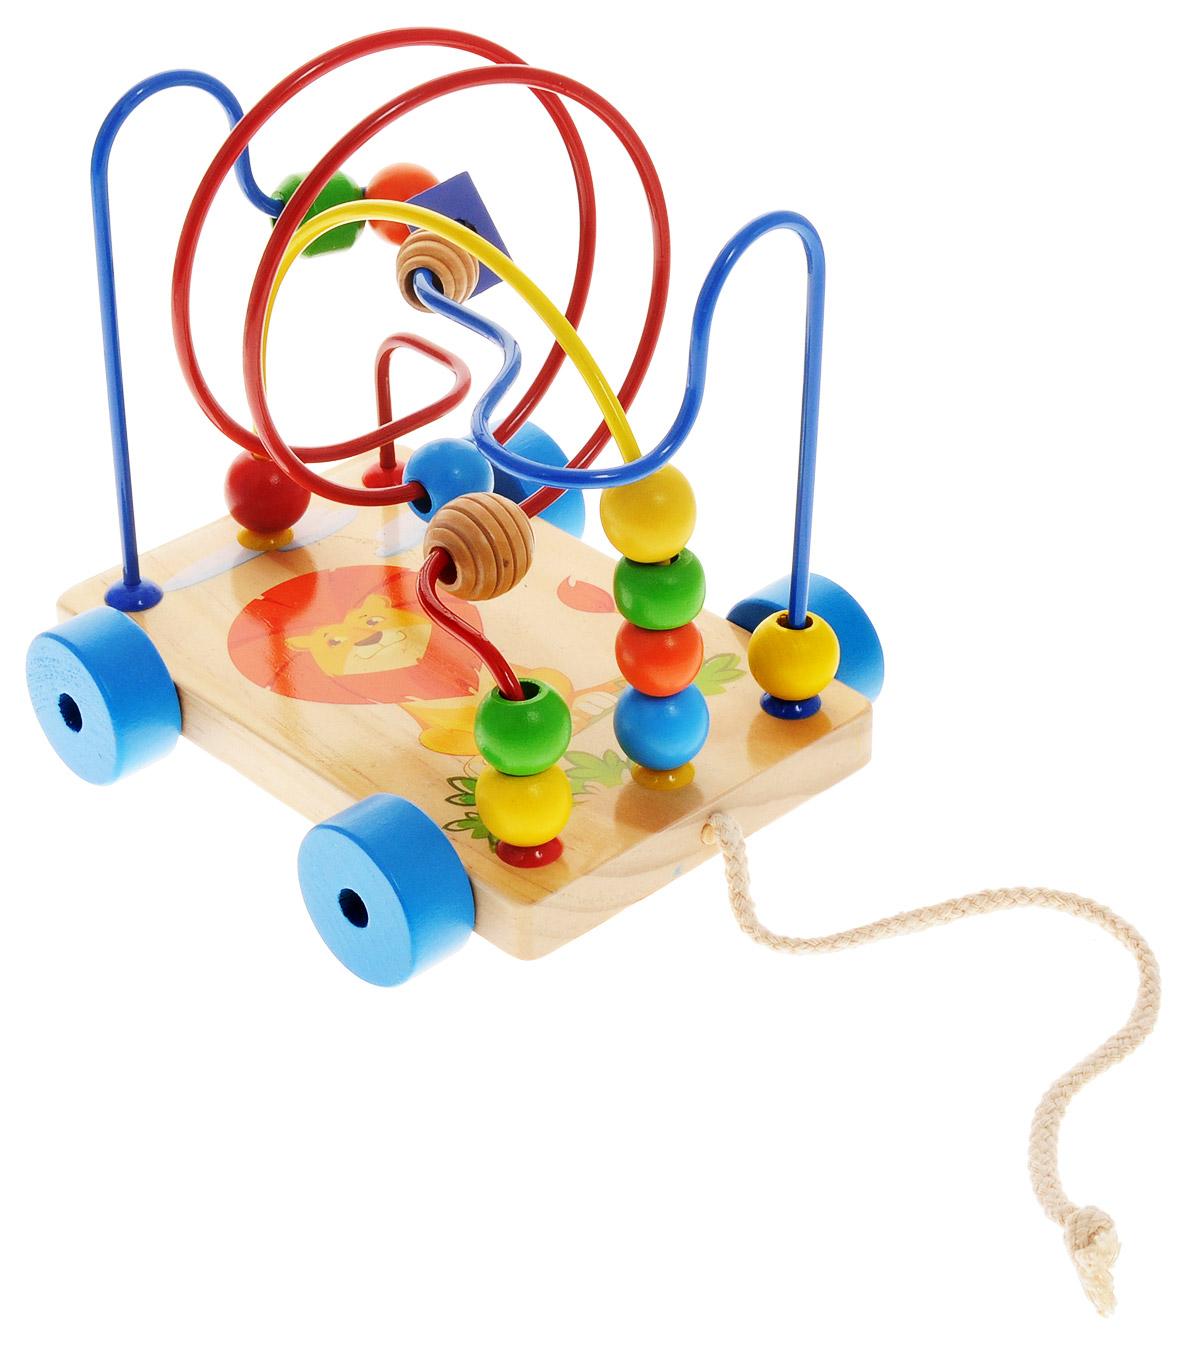 Мир деревянных игрушек Развивающий лабиринт-каталка ЛьвенокД011Яркий забавный лабиринт-каталка привлечет внимание вашего малыша и не позволит ему скучать. Игрушка состоит из прямоугольной подставки на колесиках с изображением львенка, к которой крепятся три металлические изогнутые проволоки. На каждую проволоку нанизаны маленькие деревянные элементы разной формы и цветов, которые можно передвигать. К основанию игрушки прикреплен шнурок, за который лабиринт можно возить. Игрушка развивает пространственное и логическое мышление, развитие мелкой мышечной моторики, внимания, памяти, подготавливает руку к письму. Характеристики: Общая высота: 18 см. Размер подставки (без колес): 17 см x 11 см х 1,5 см. Материал: дерево, металл. Размер упаковки: 17,5 см х 14 см х 19 см. Изготовитель: Китай.